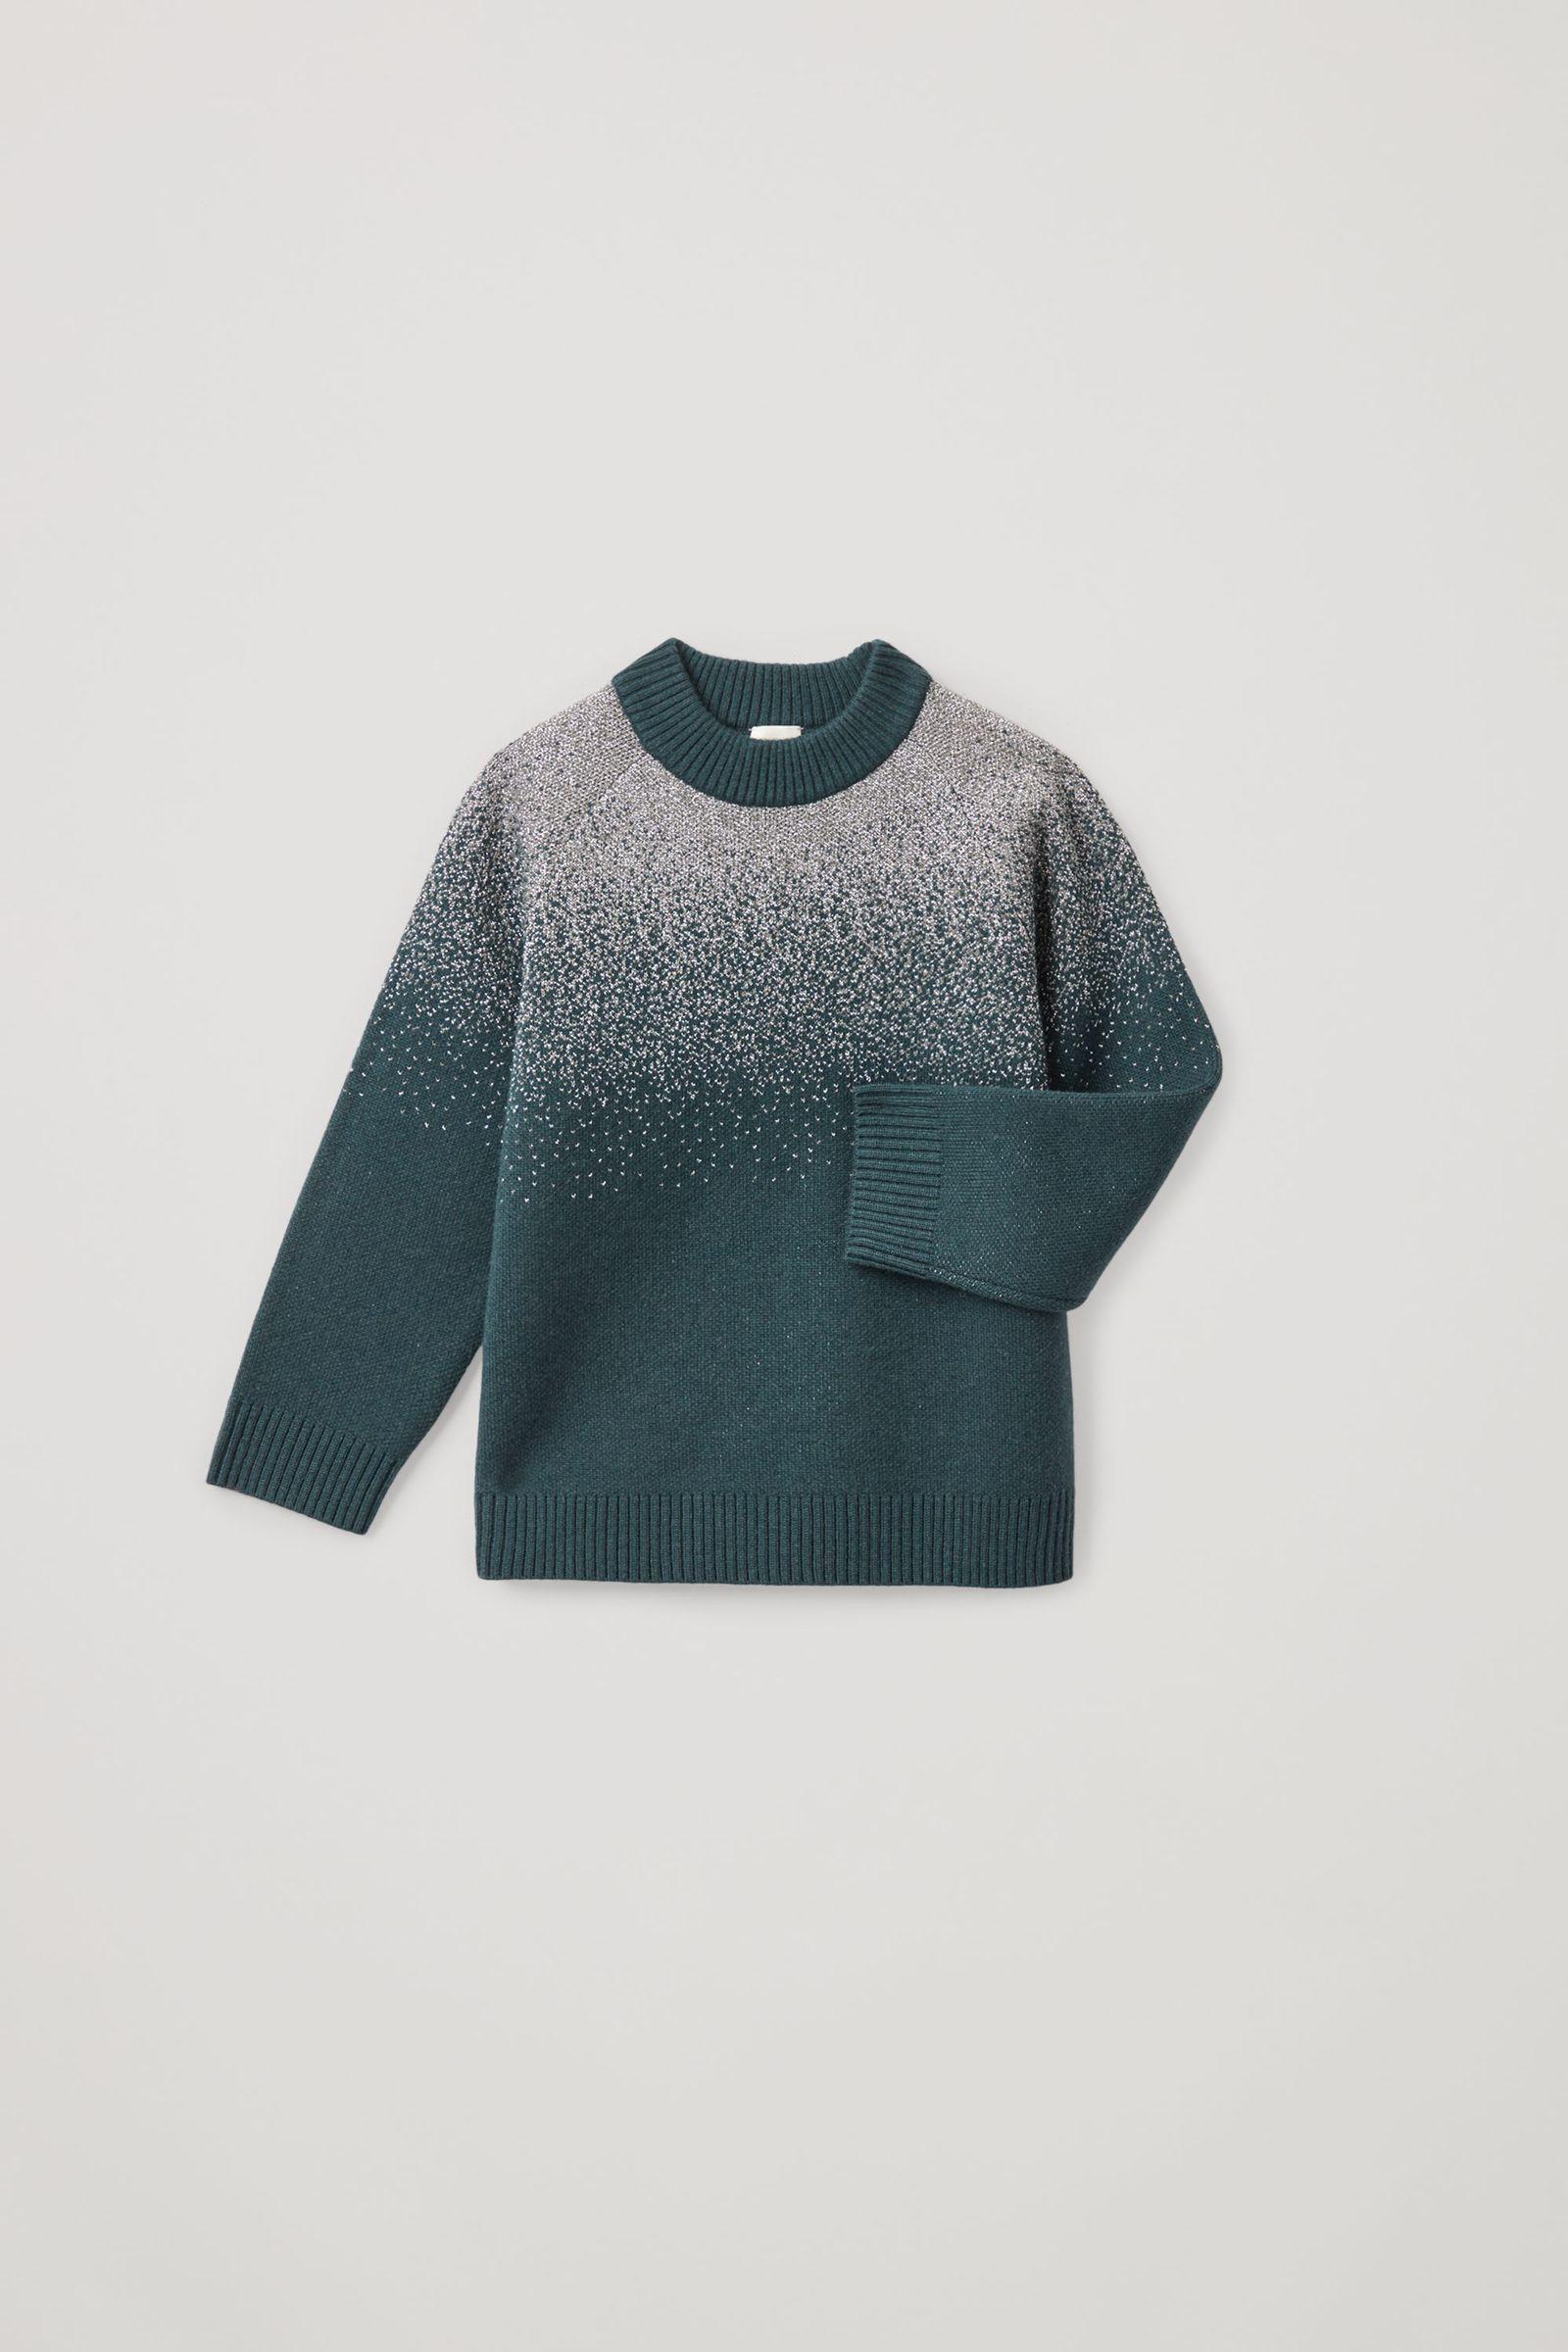 COS 루렉스 울 캐시미어 스웨터의 터쿼이즈컬러 Product입니다.